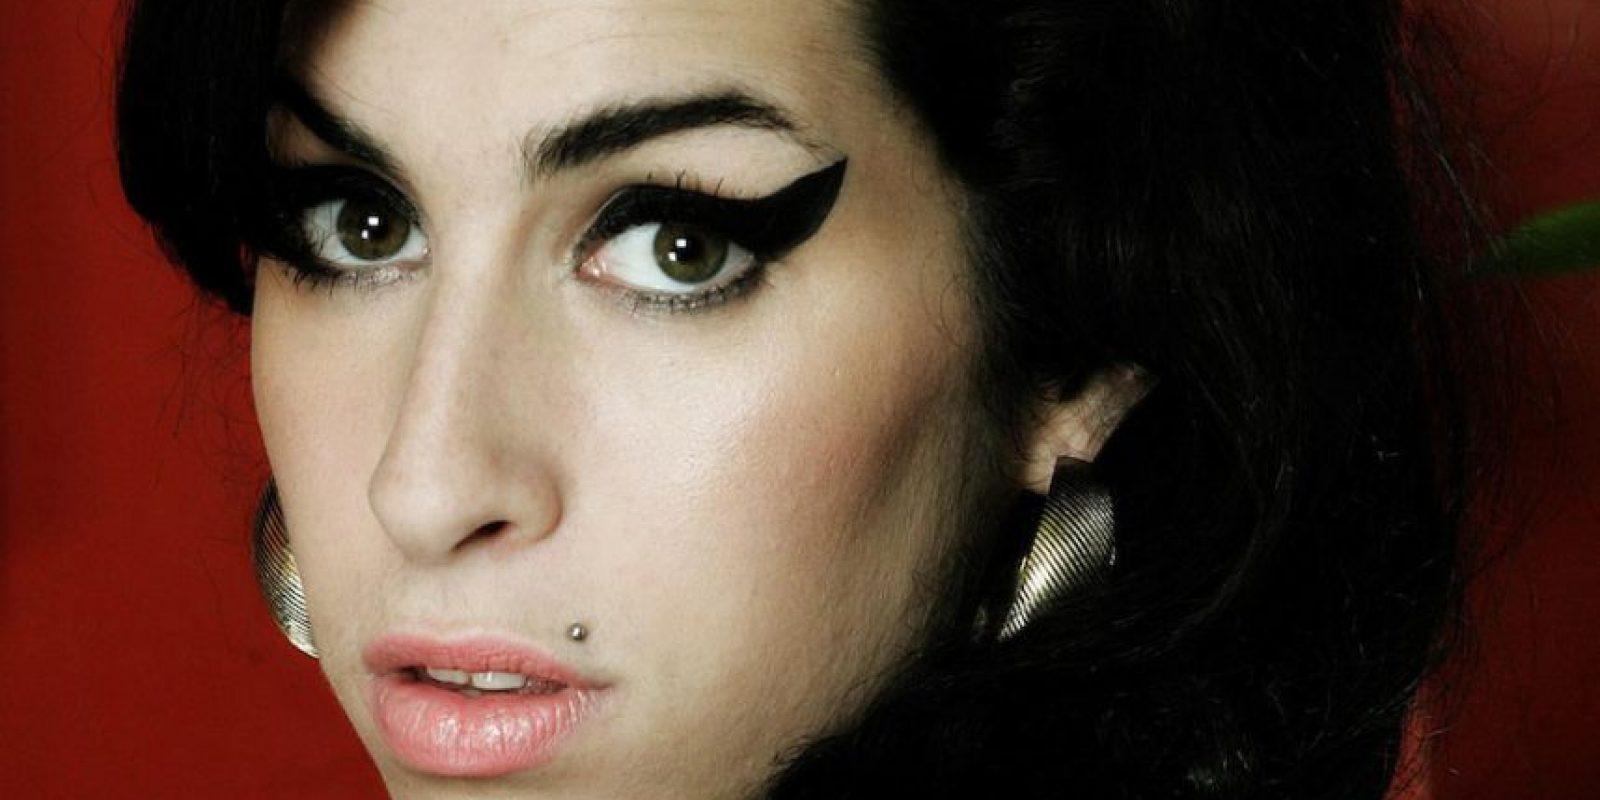 Narra la historia de la cantante británica fallecida en 2011. Foto:Netflix. Imagen Por: